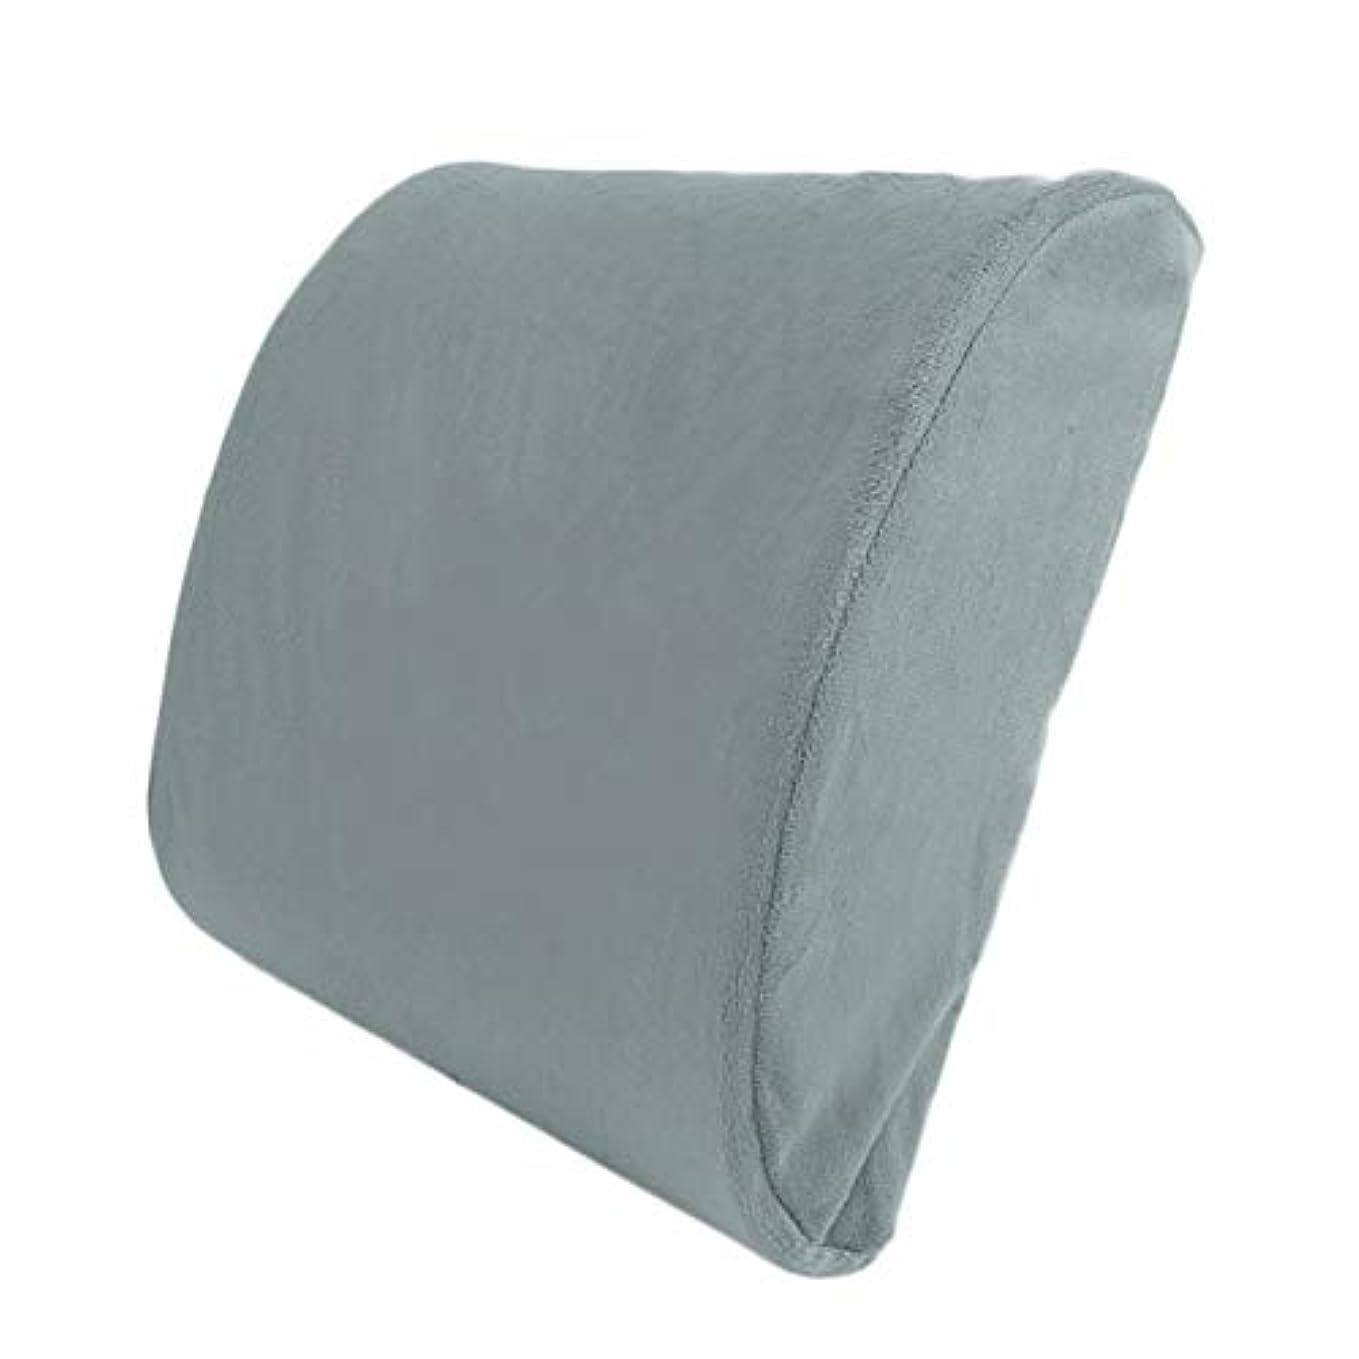 ゴールデン解釈する捨てるSaikogoods ソフトスローリバウンドメモリ通気ヘルスケア腰椎クッションバックウエストのサポート枕シート枕ホームオフィス グレー